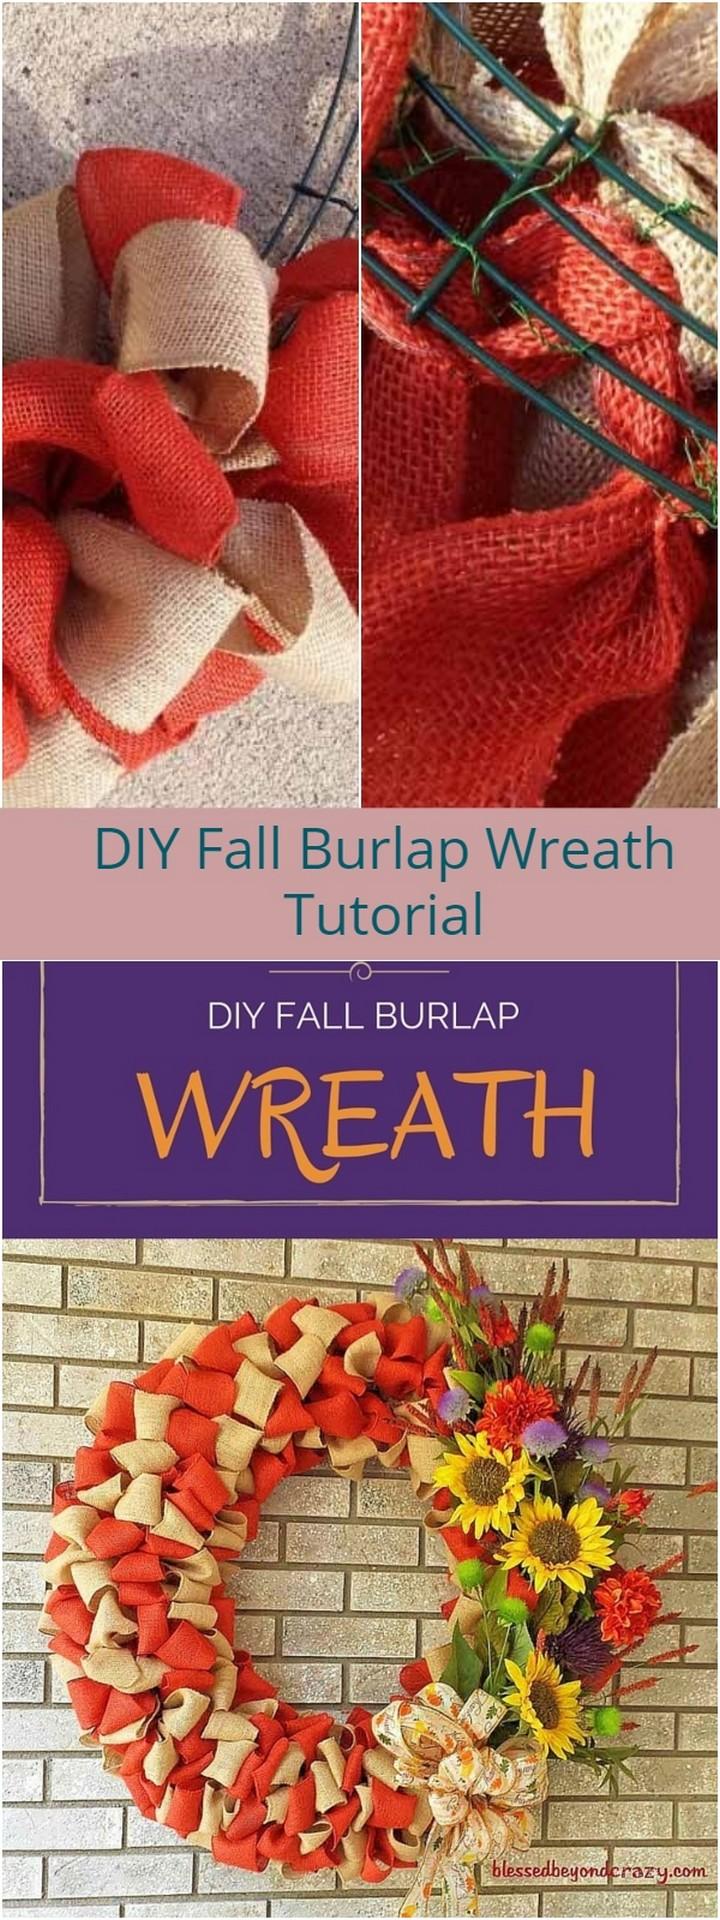 DIY Fall Burlap Wreath Tutorial 1